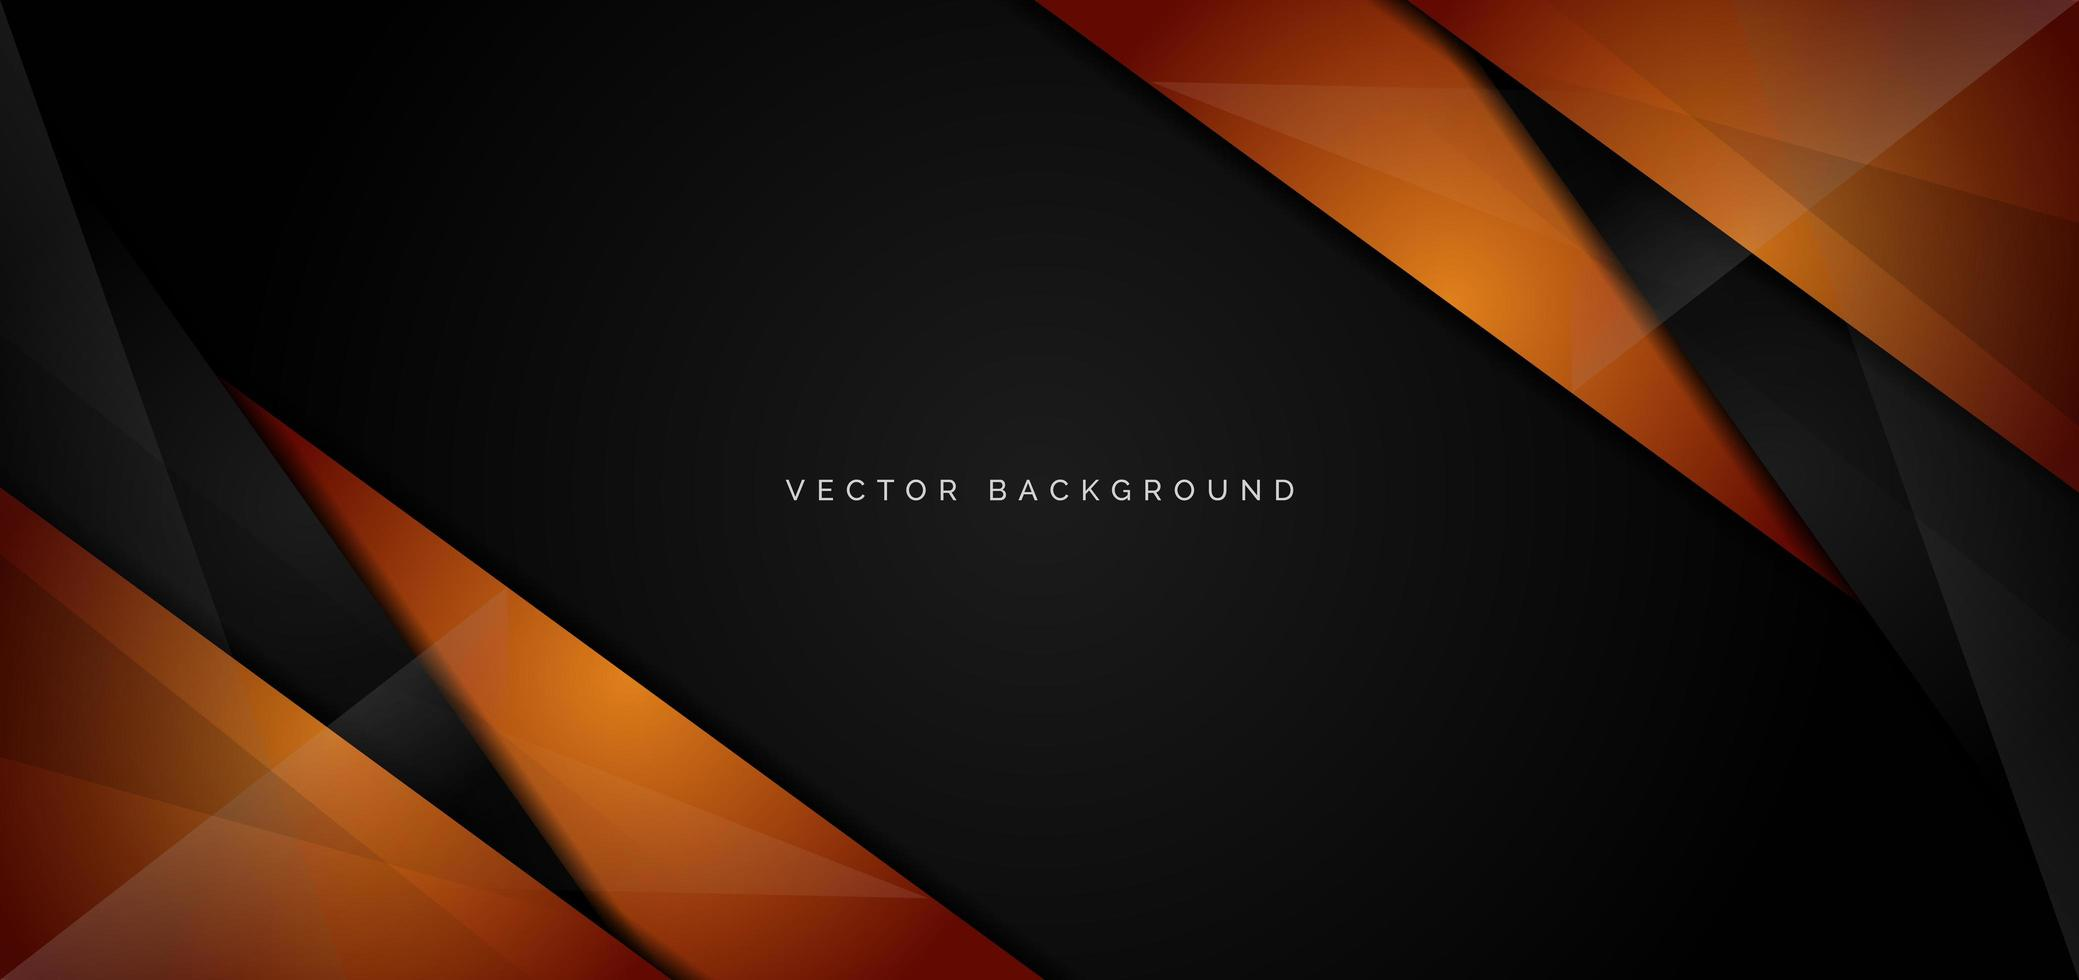 banner di angoli lucidi arancioni, neri su fondo nero vettore